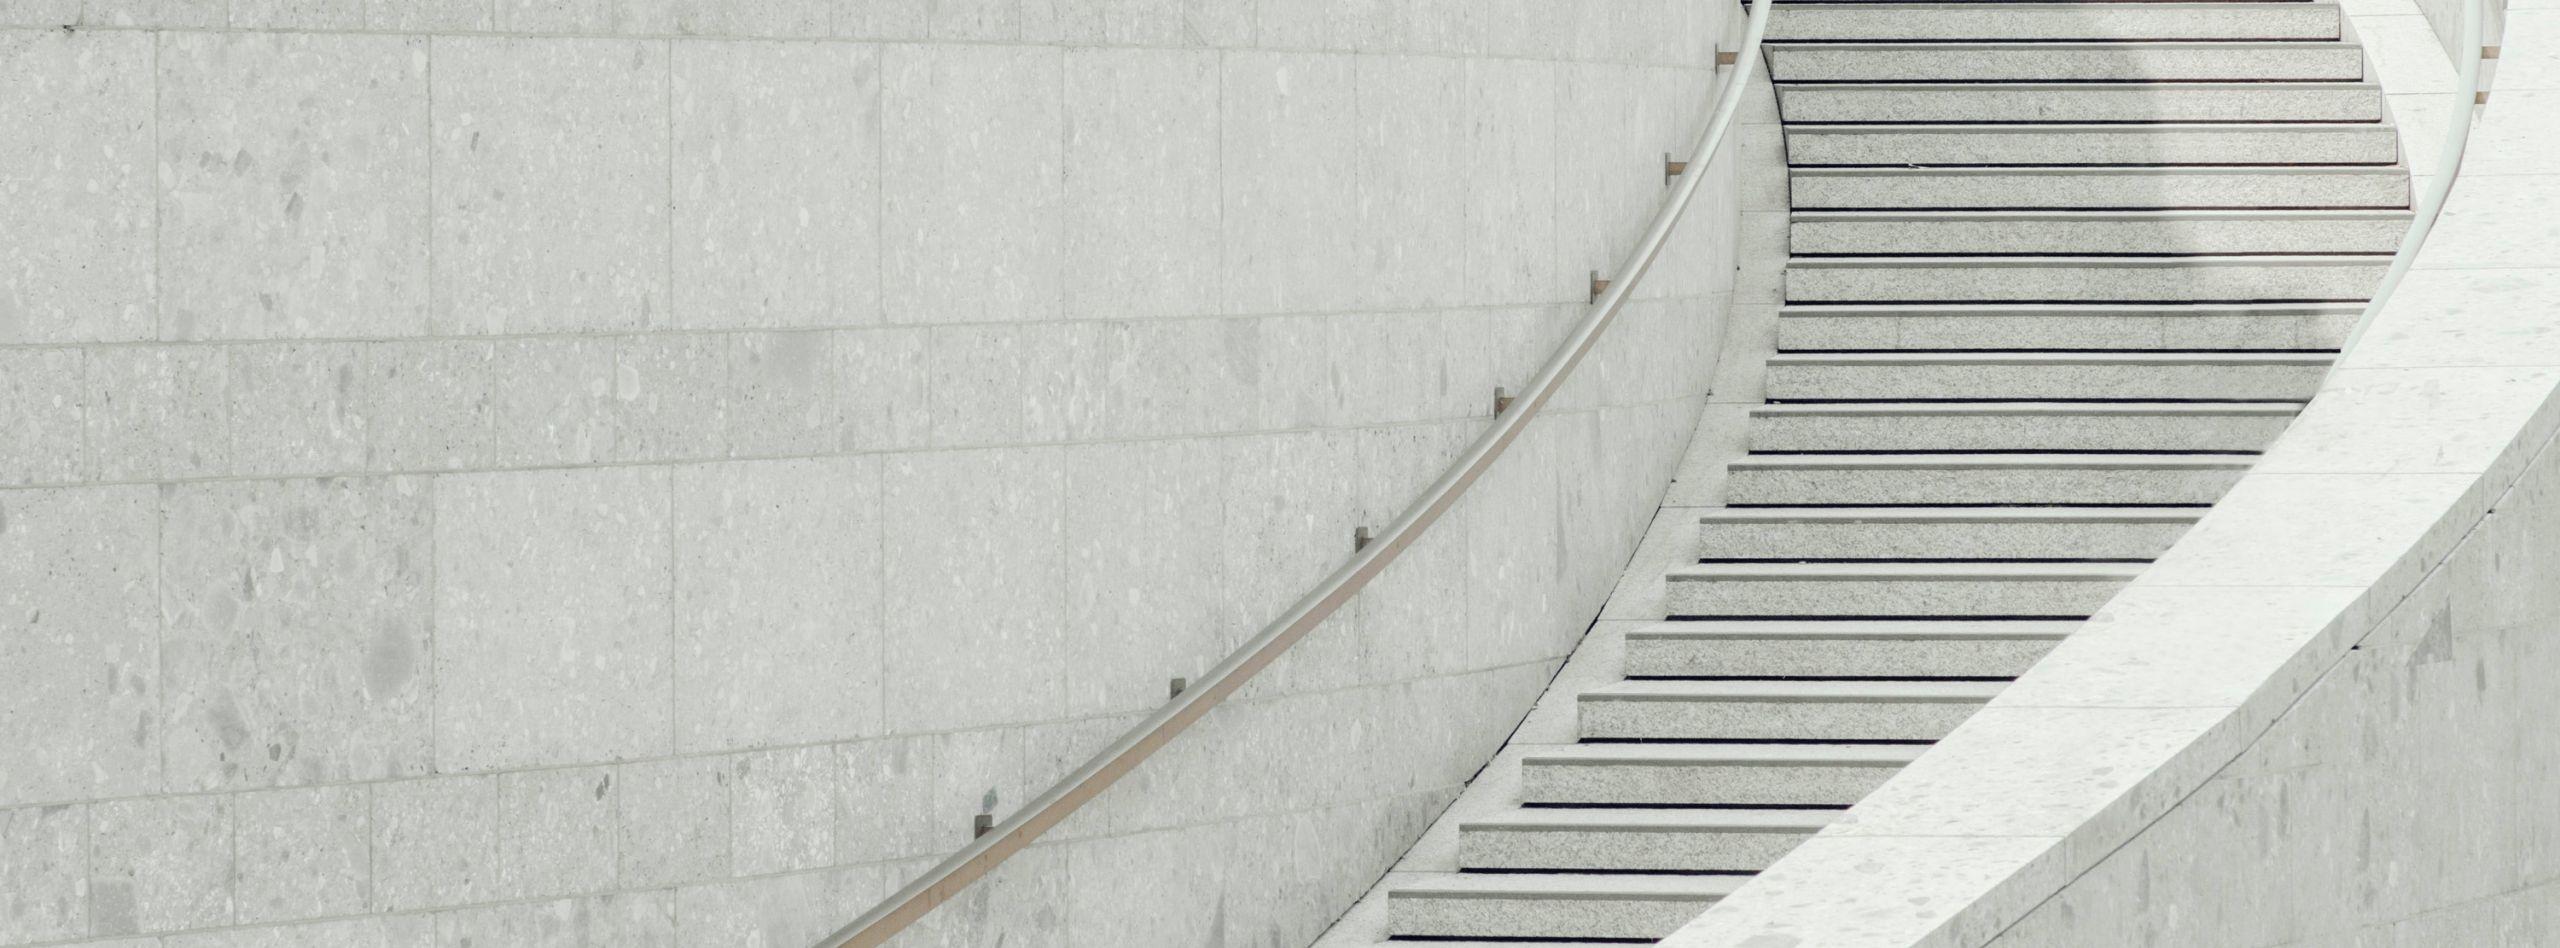 Web 3000 2000 Stairway